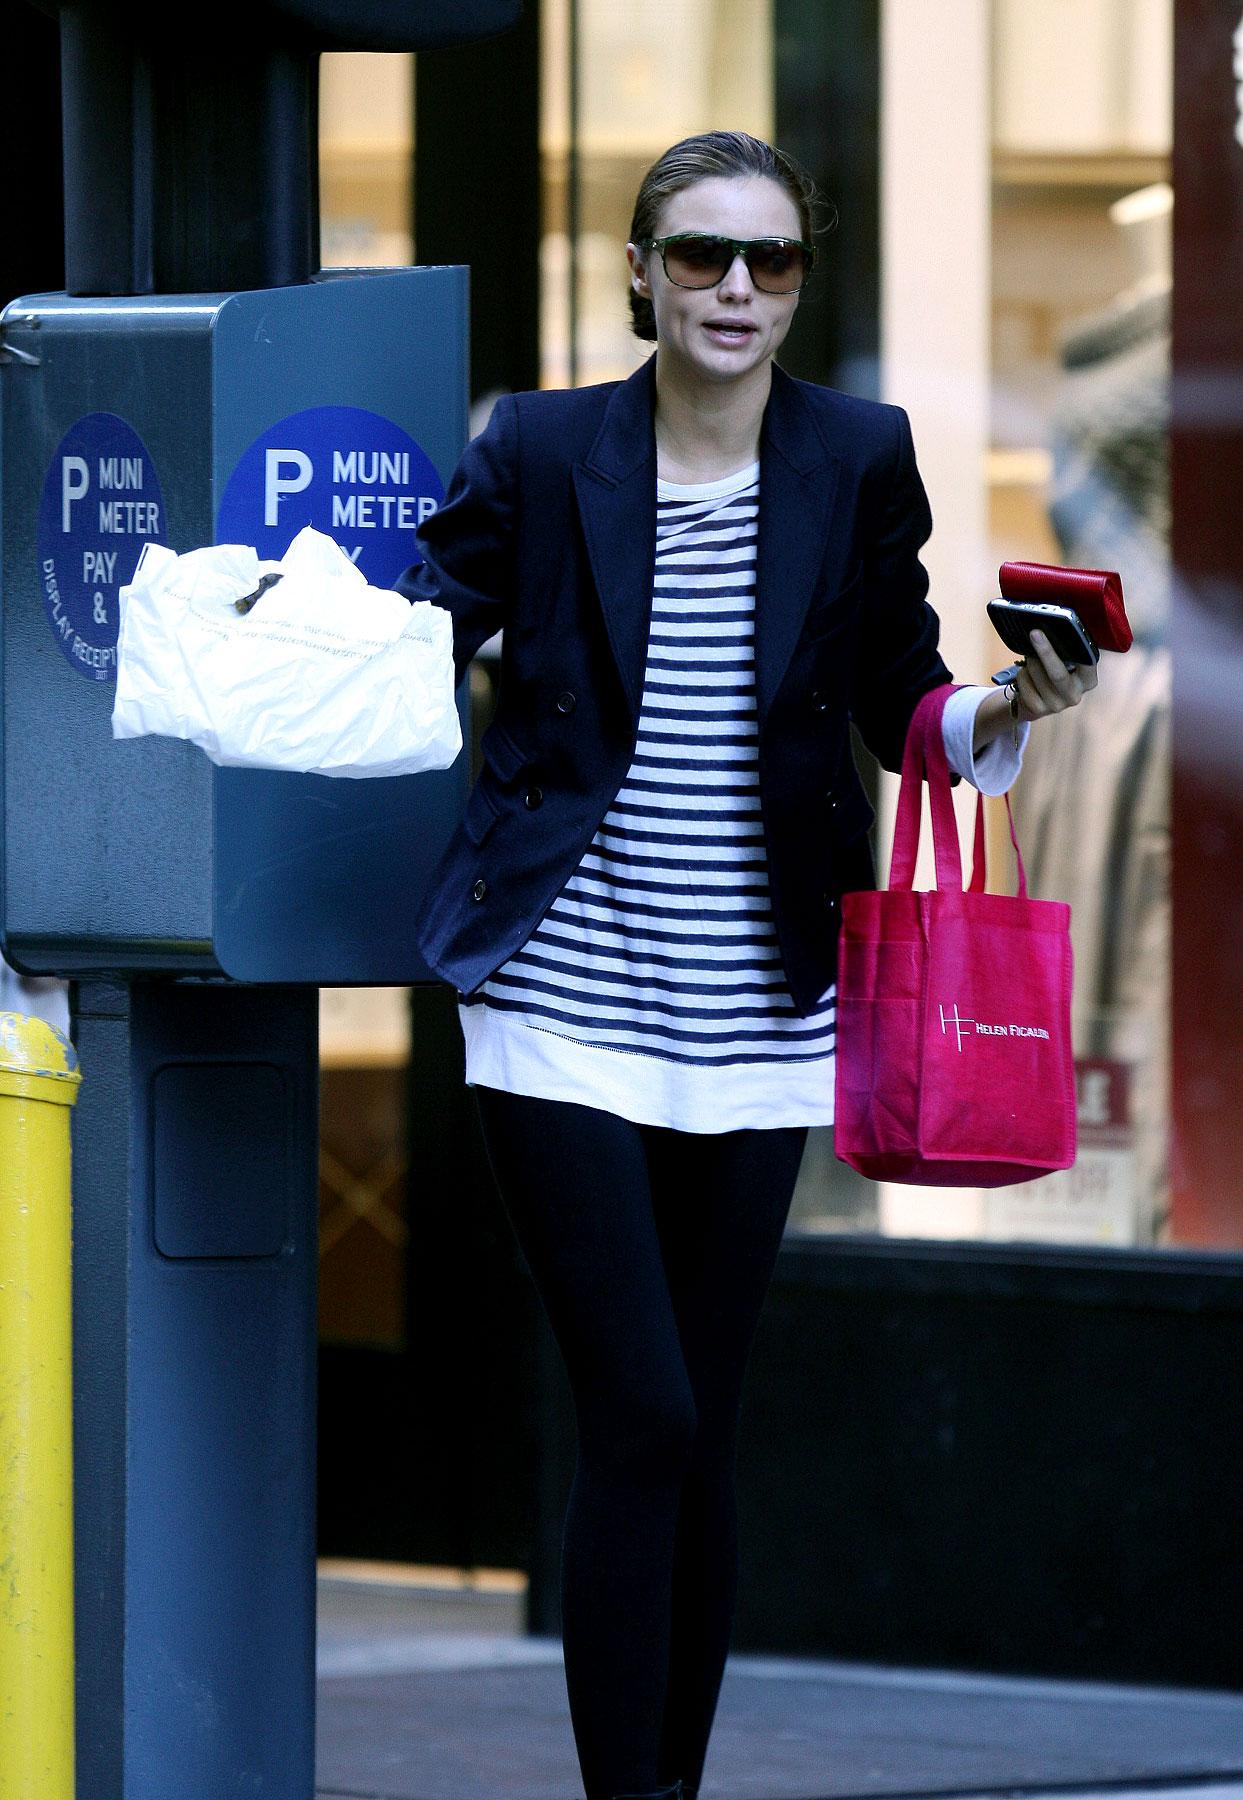 PHOTO GALLERY: Miranda Kerr Is Pooped